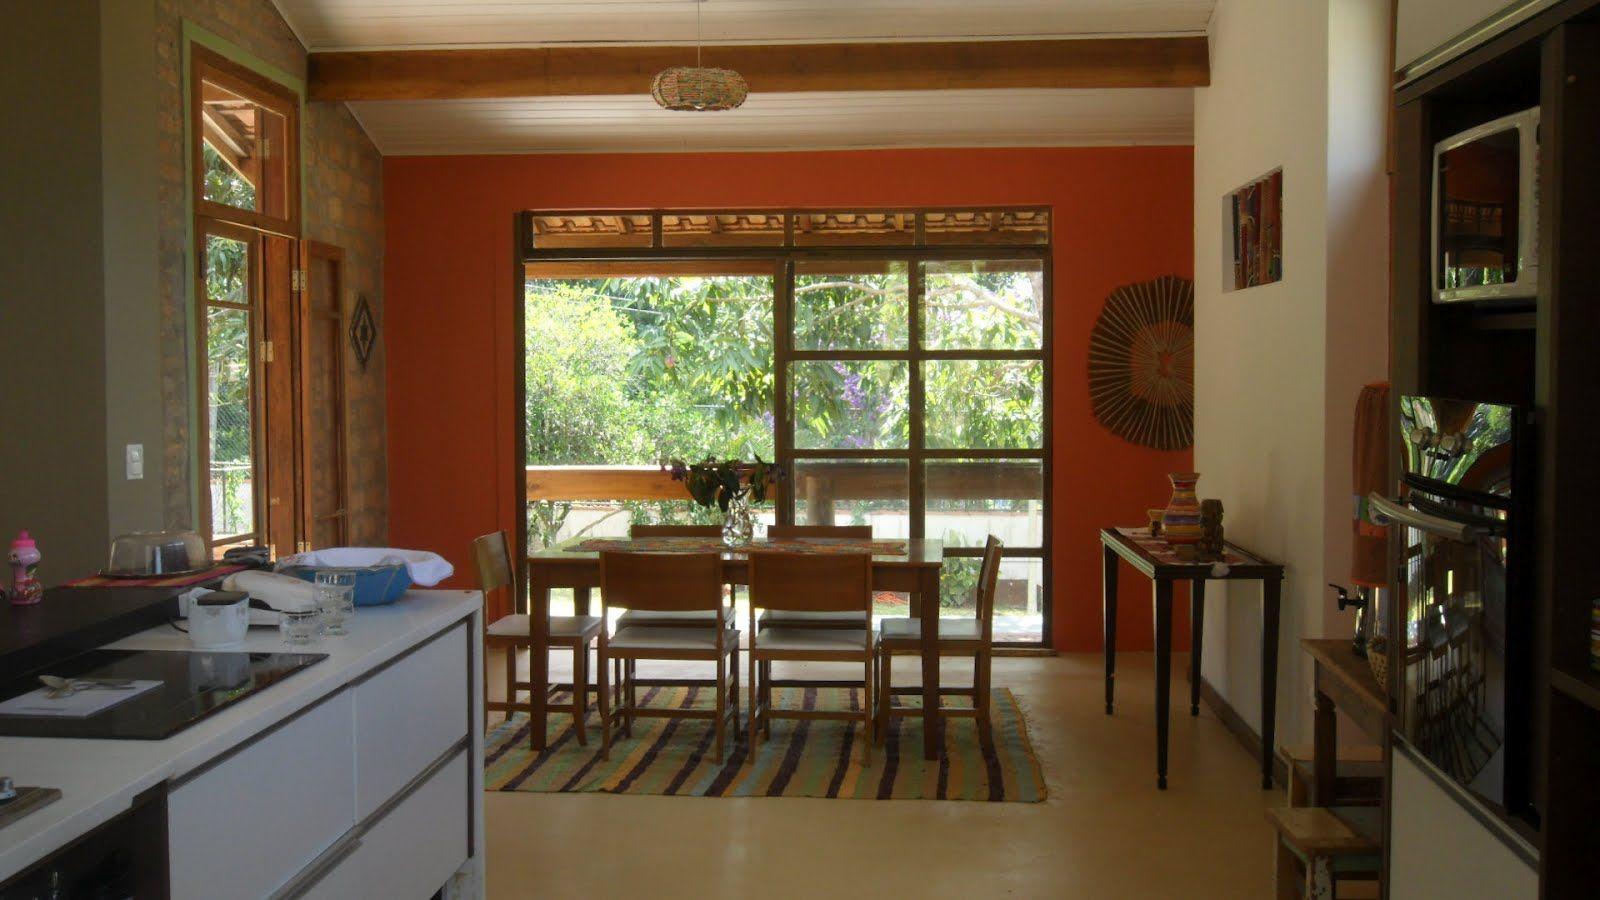 Cozinha linda!